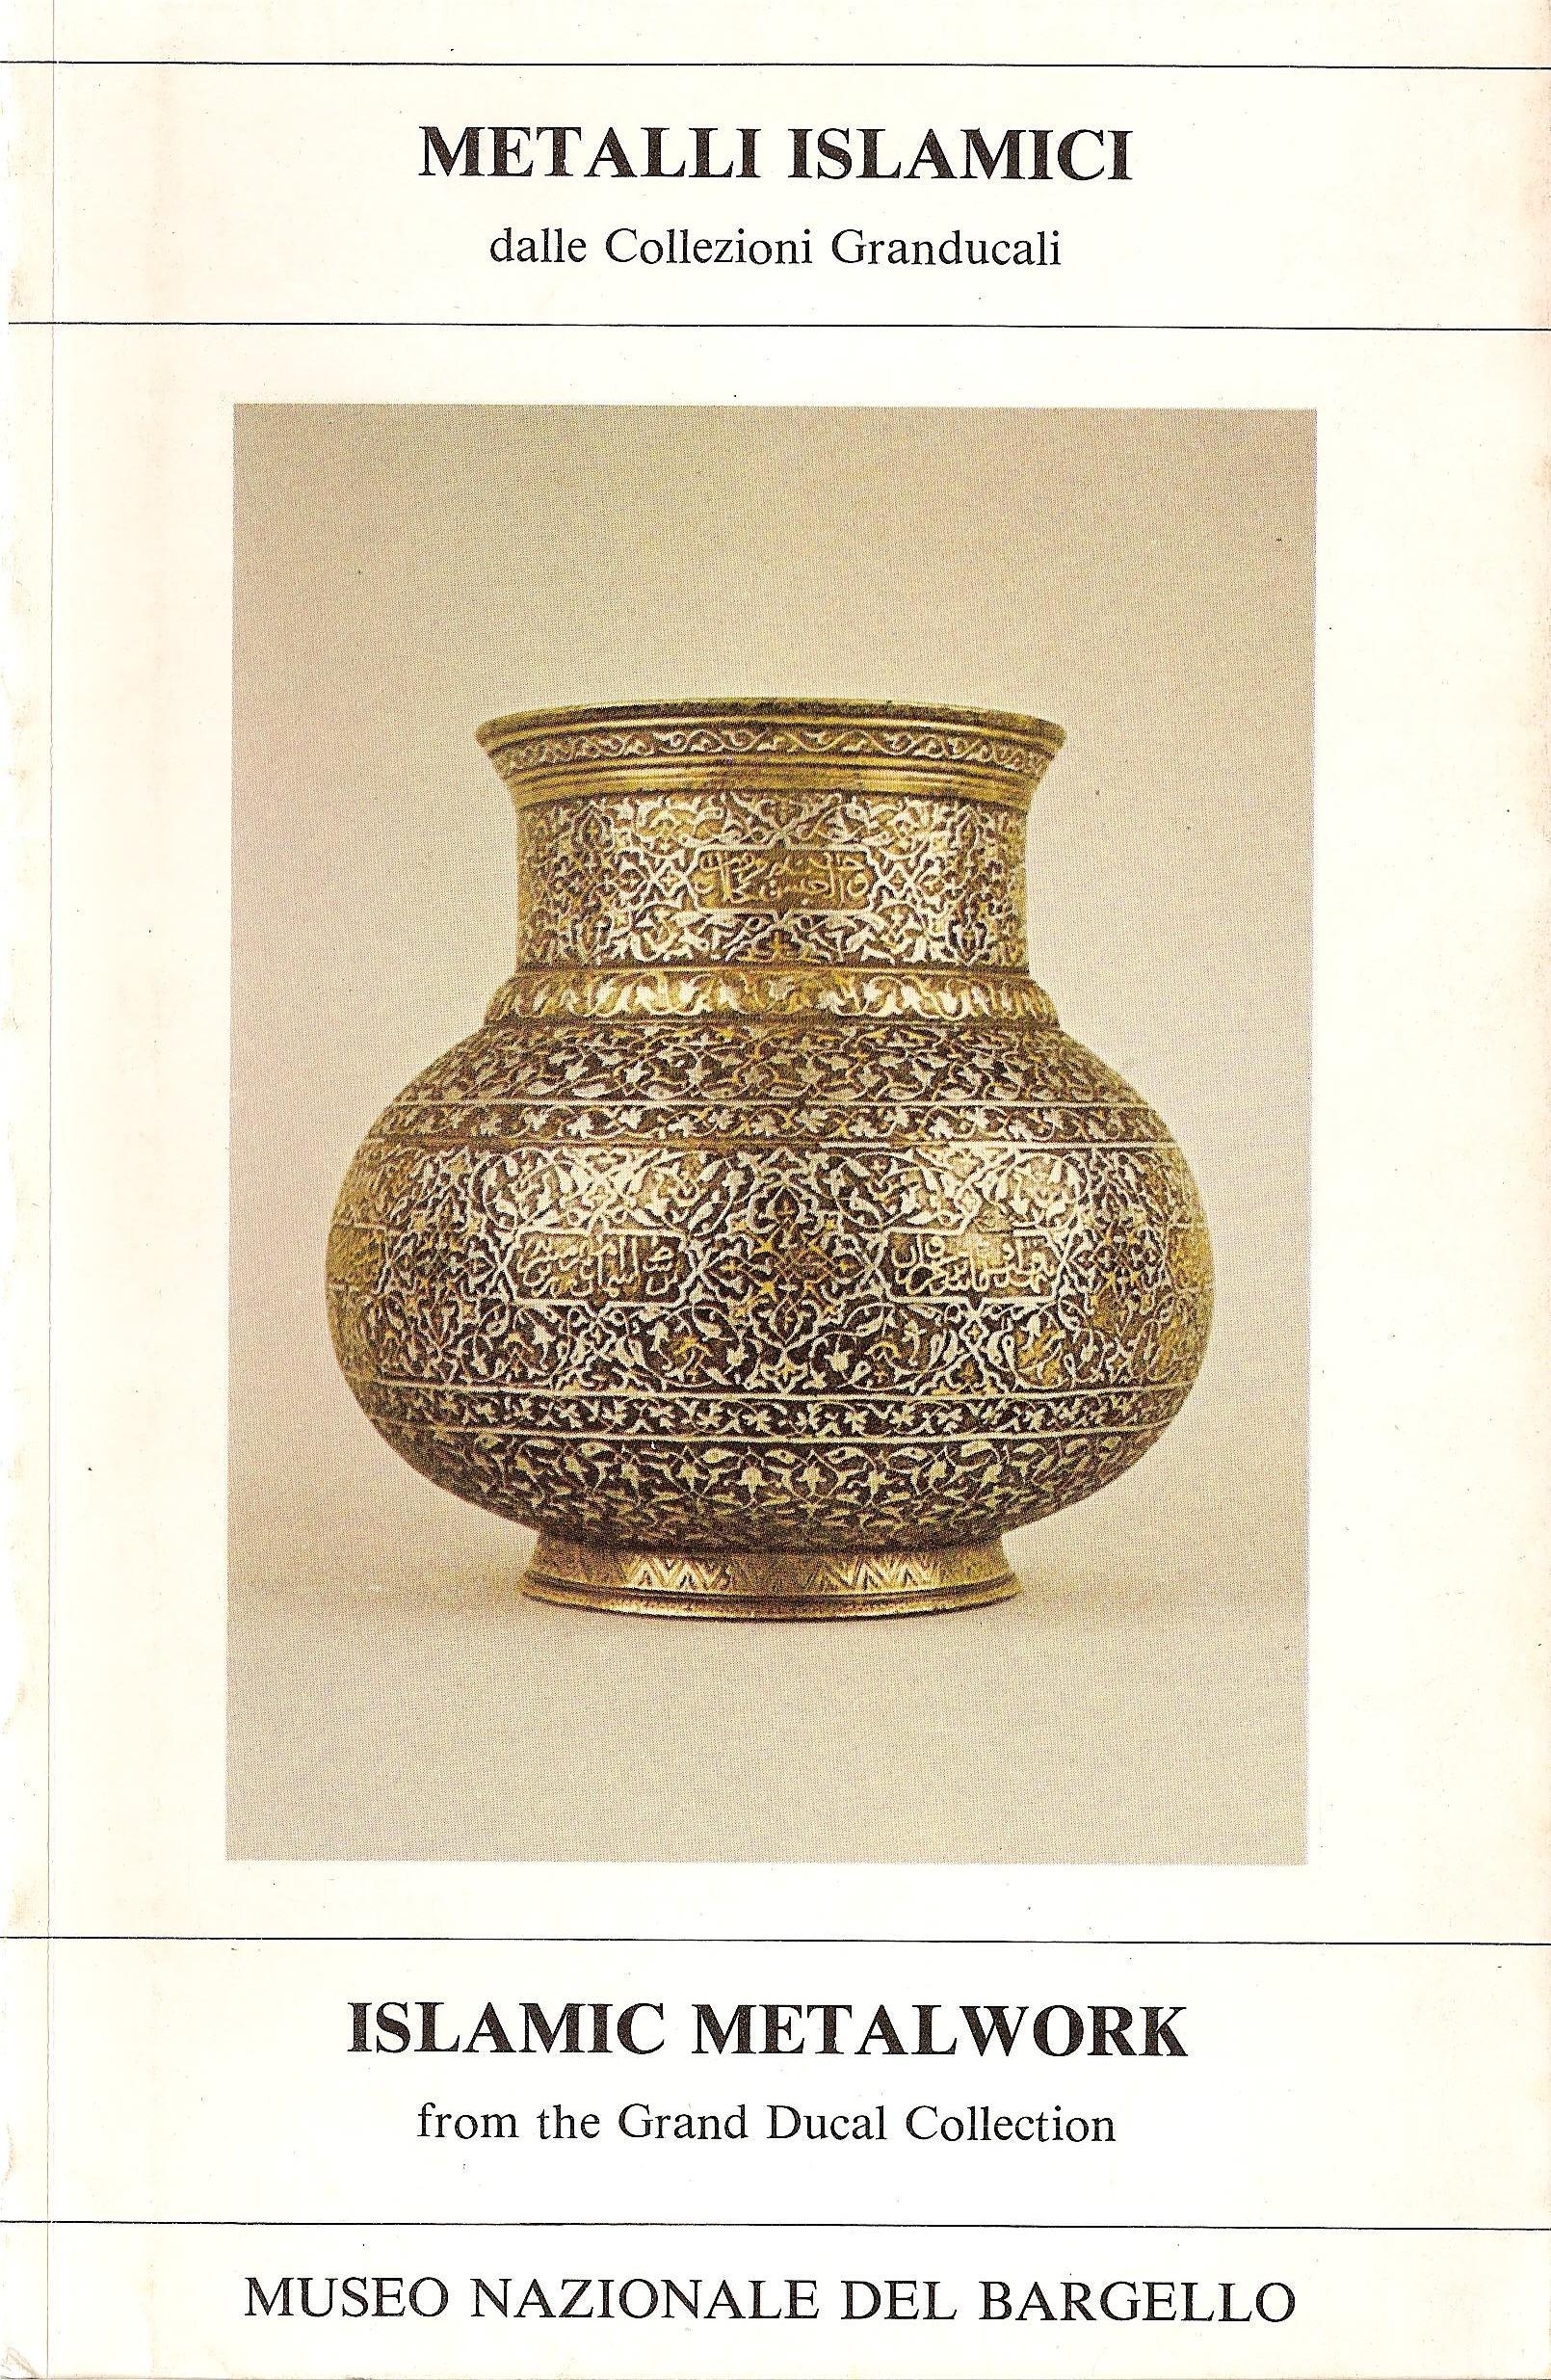 Metalli islamici dalle collezioni granducali-Islamic metalwork from the gran ducal collection